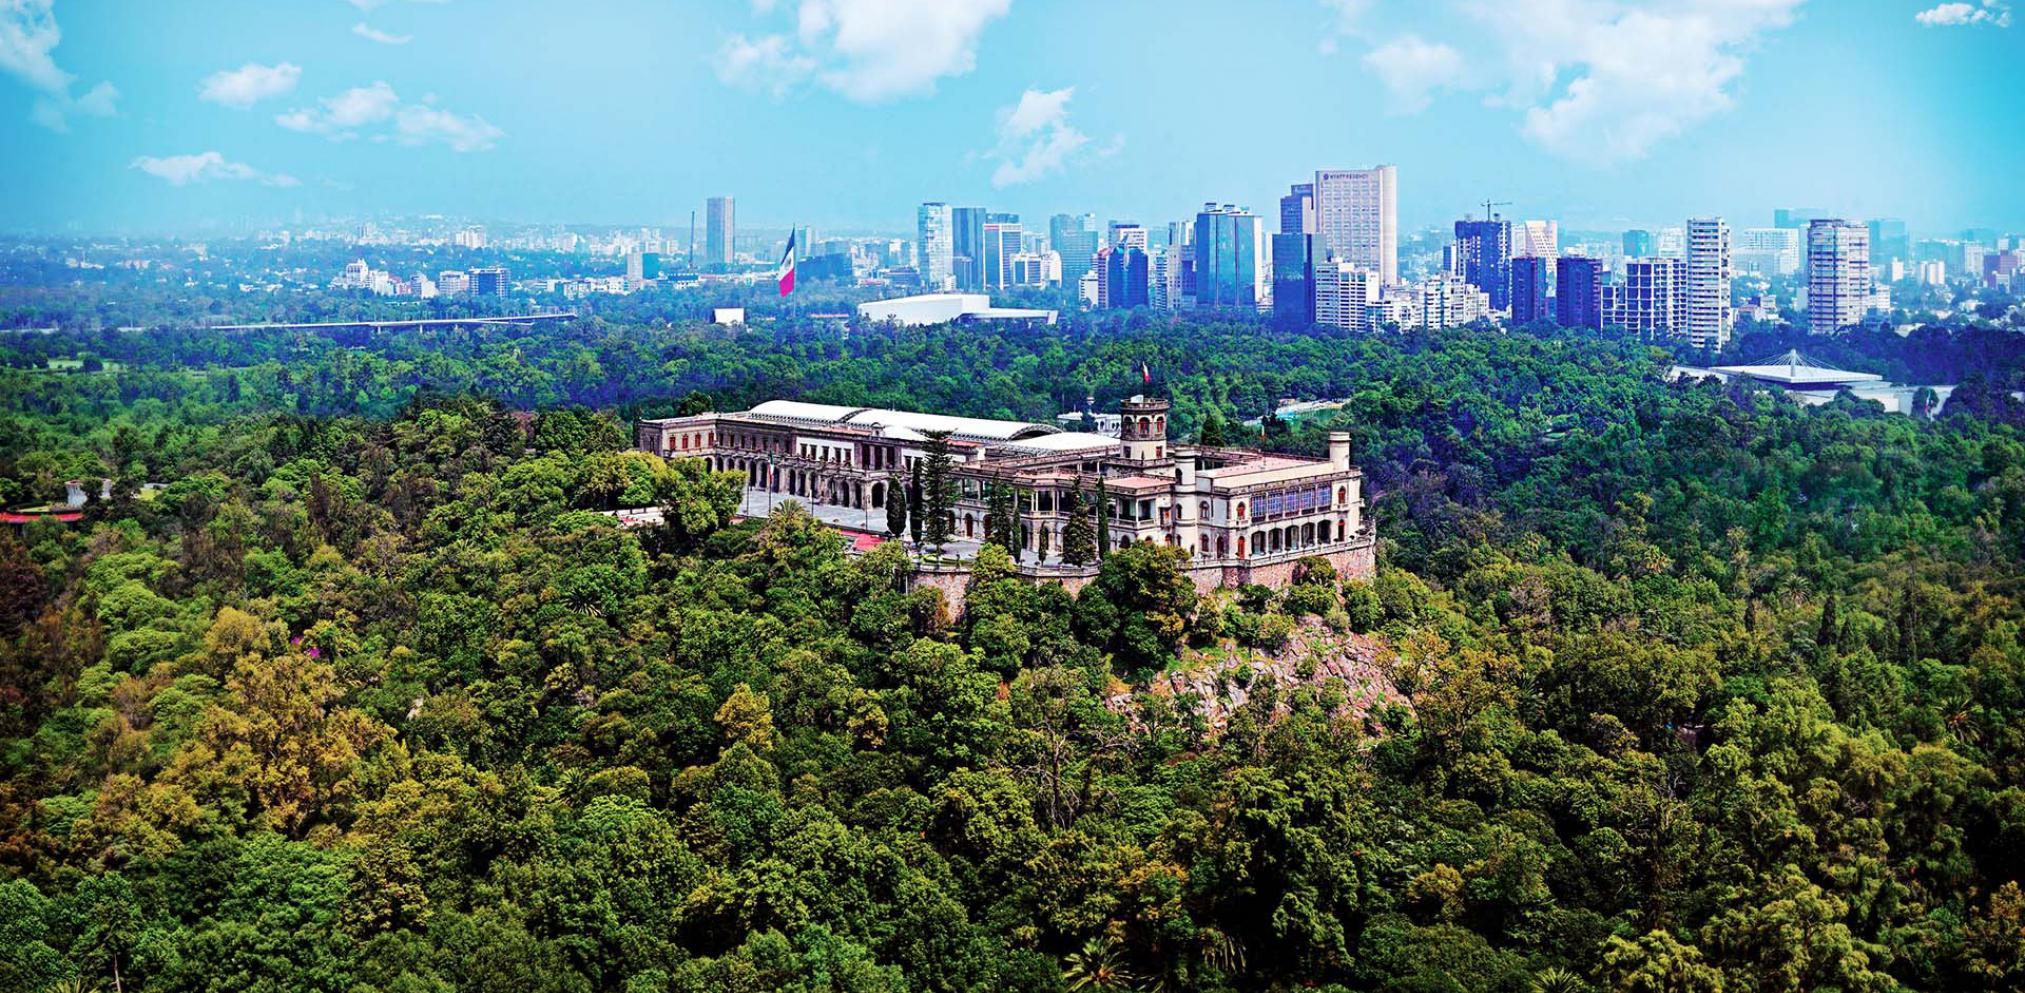 Incluir áreas verdes en urbanización reduce el estrés, revela estudio